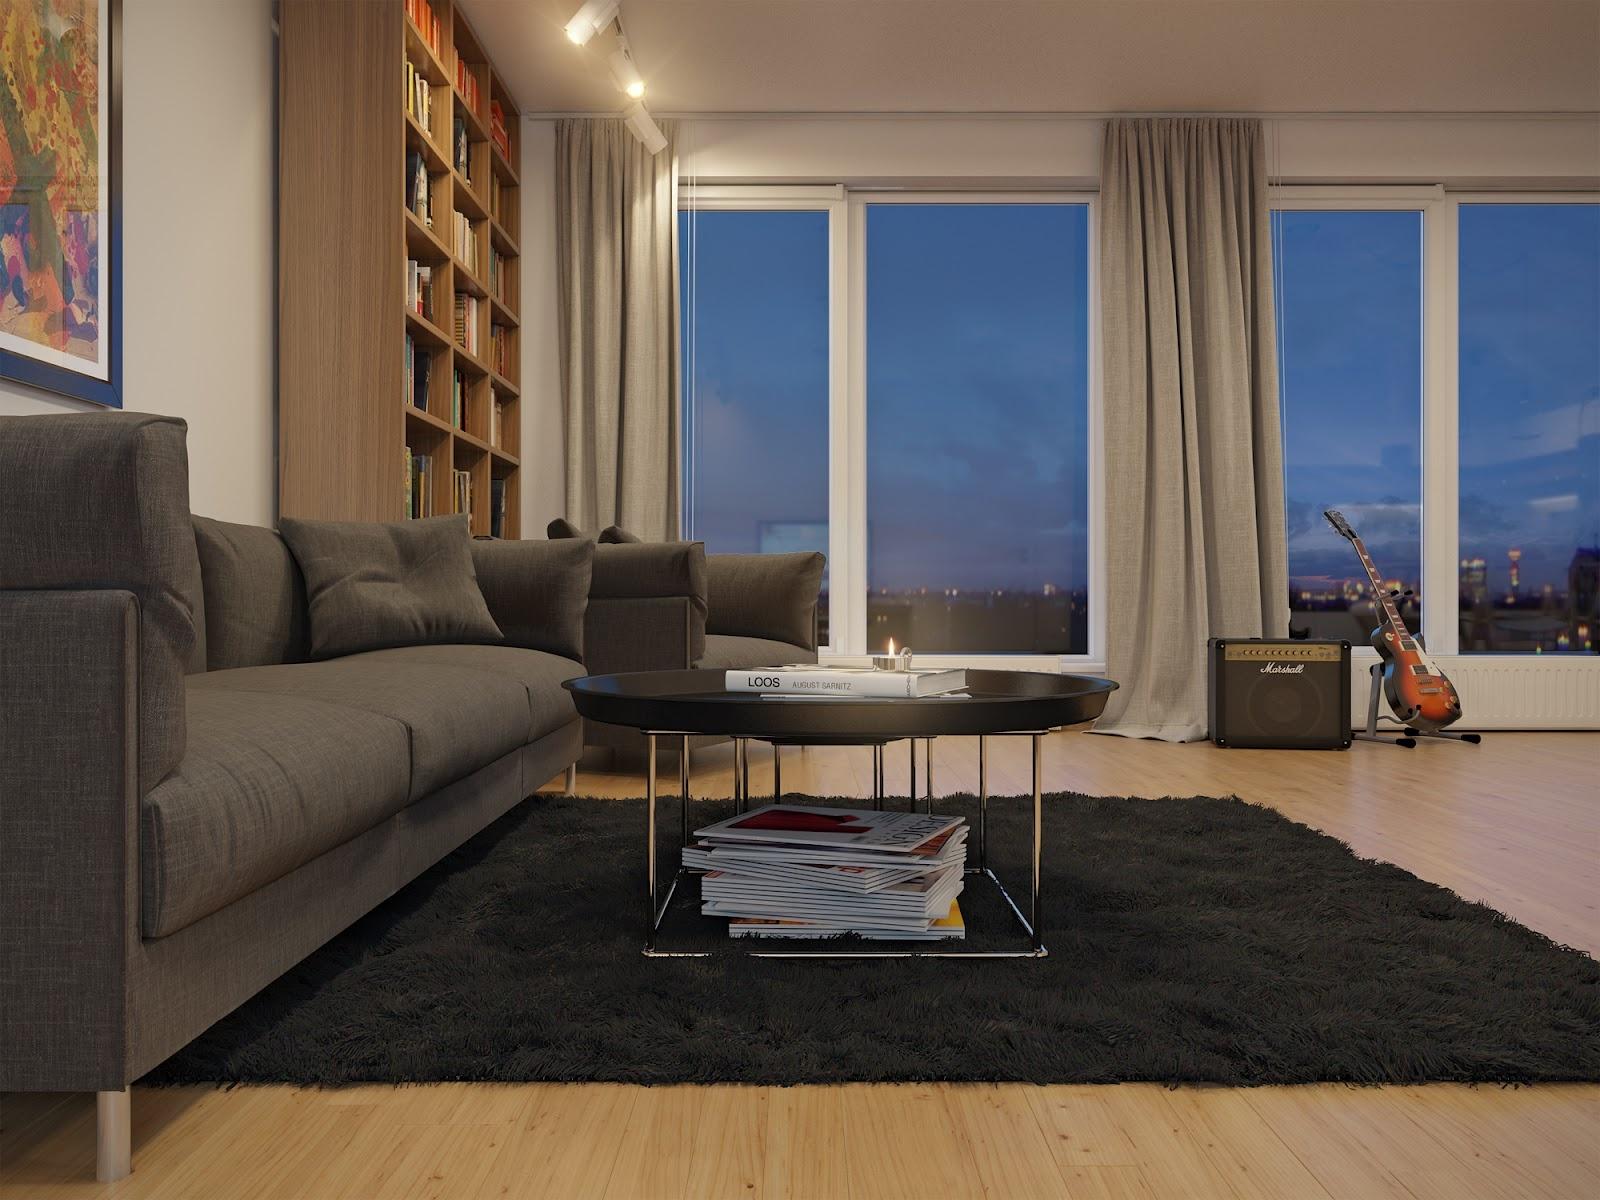 90平米小户型家庭客厅装修效果图大全2014图片